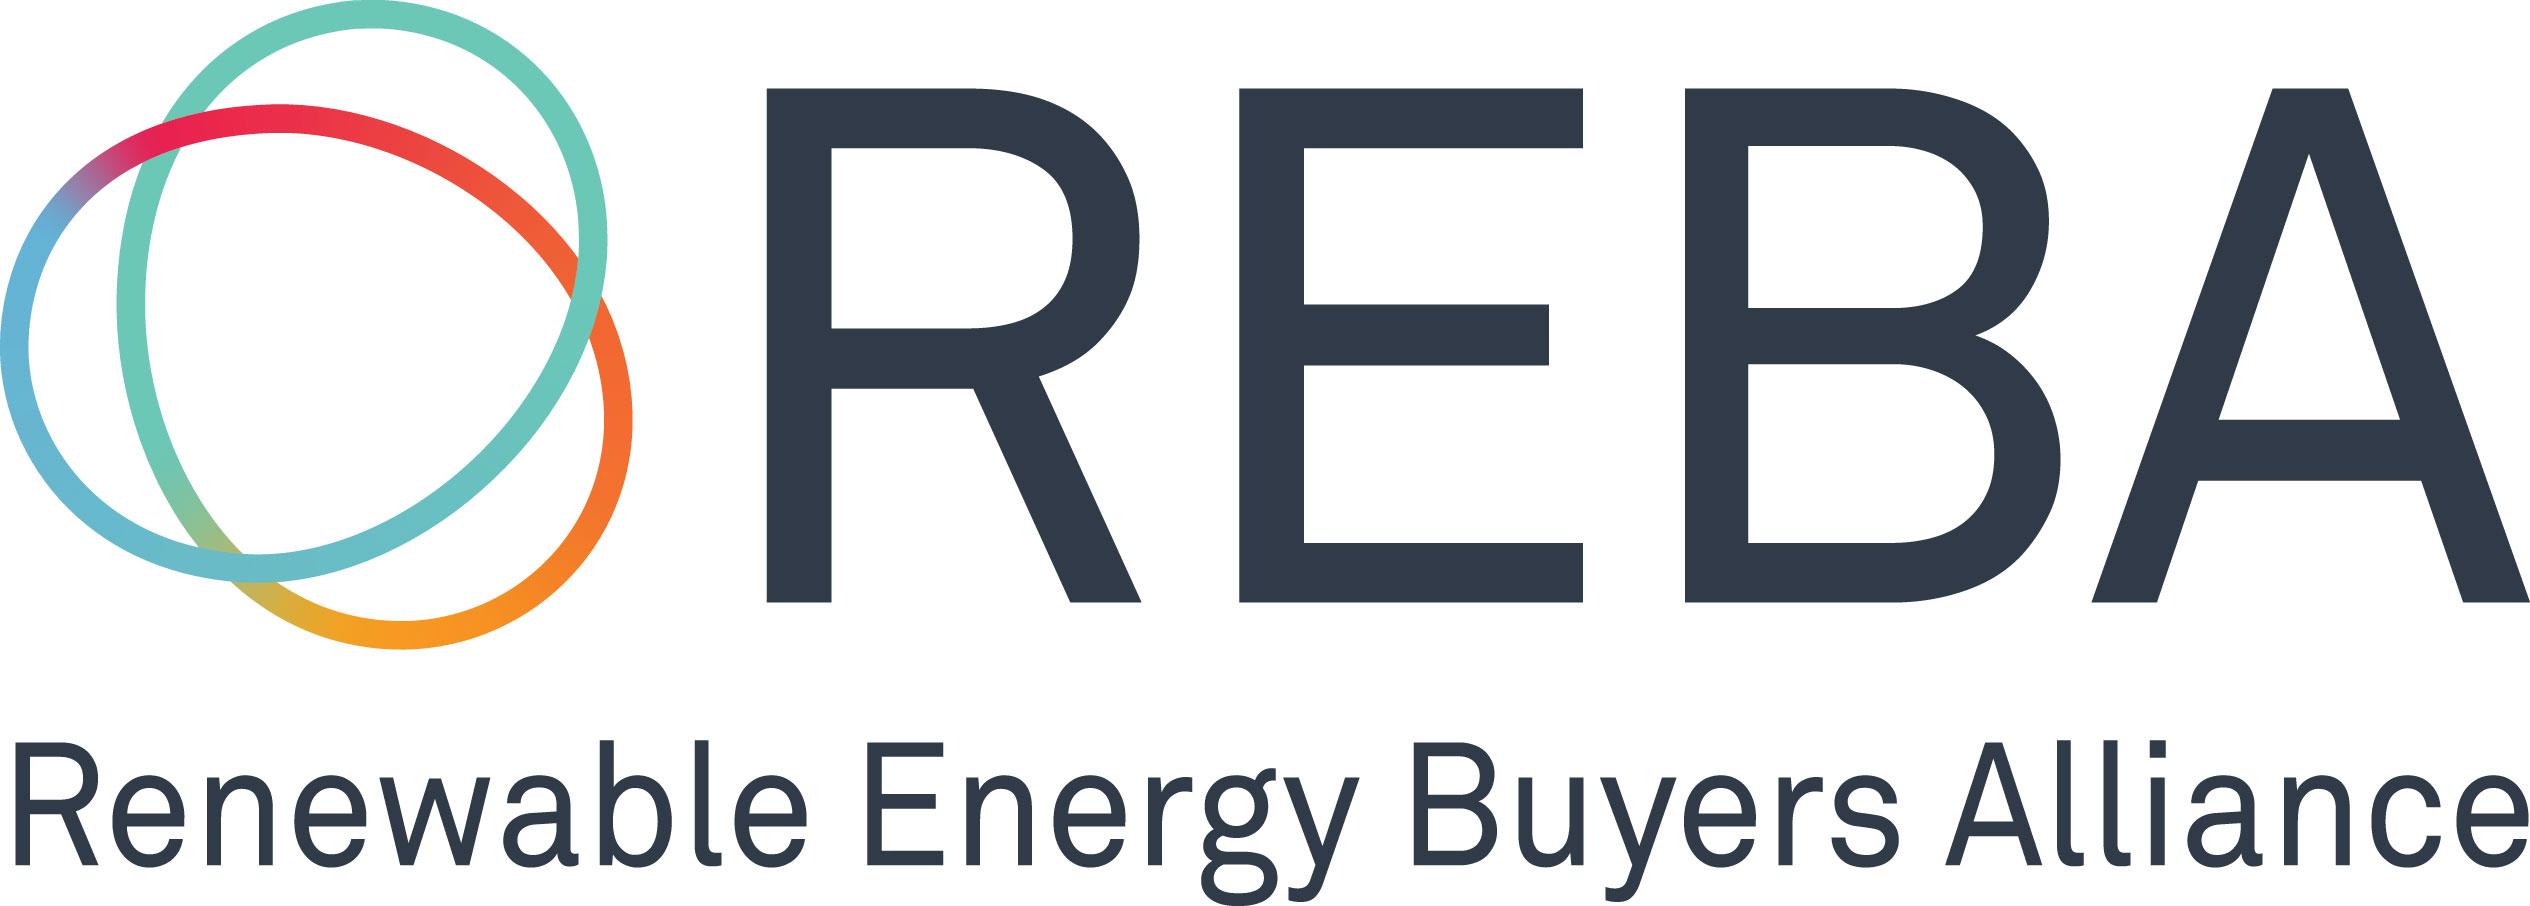 REBA logo